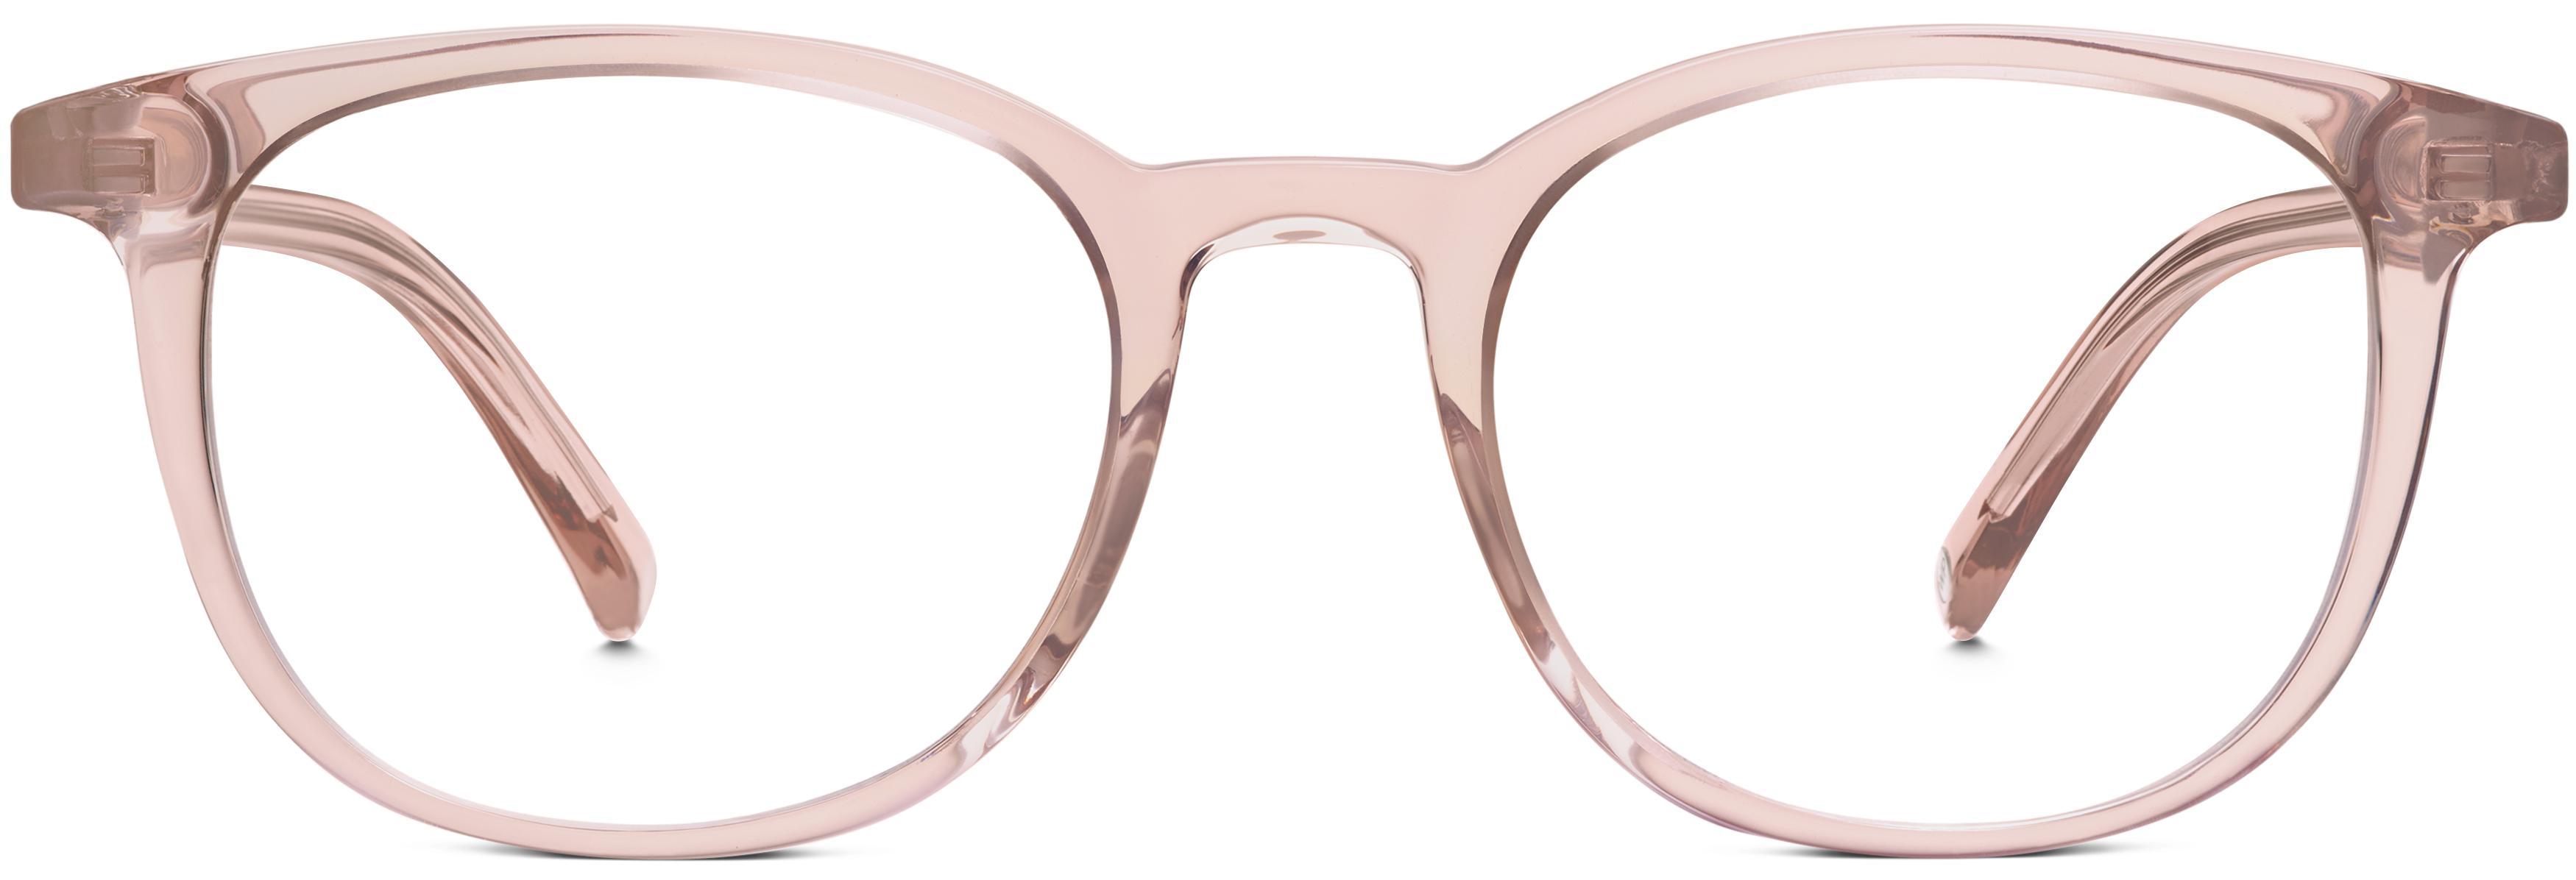 bced939e7d30f Women s Eyeglasses